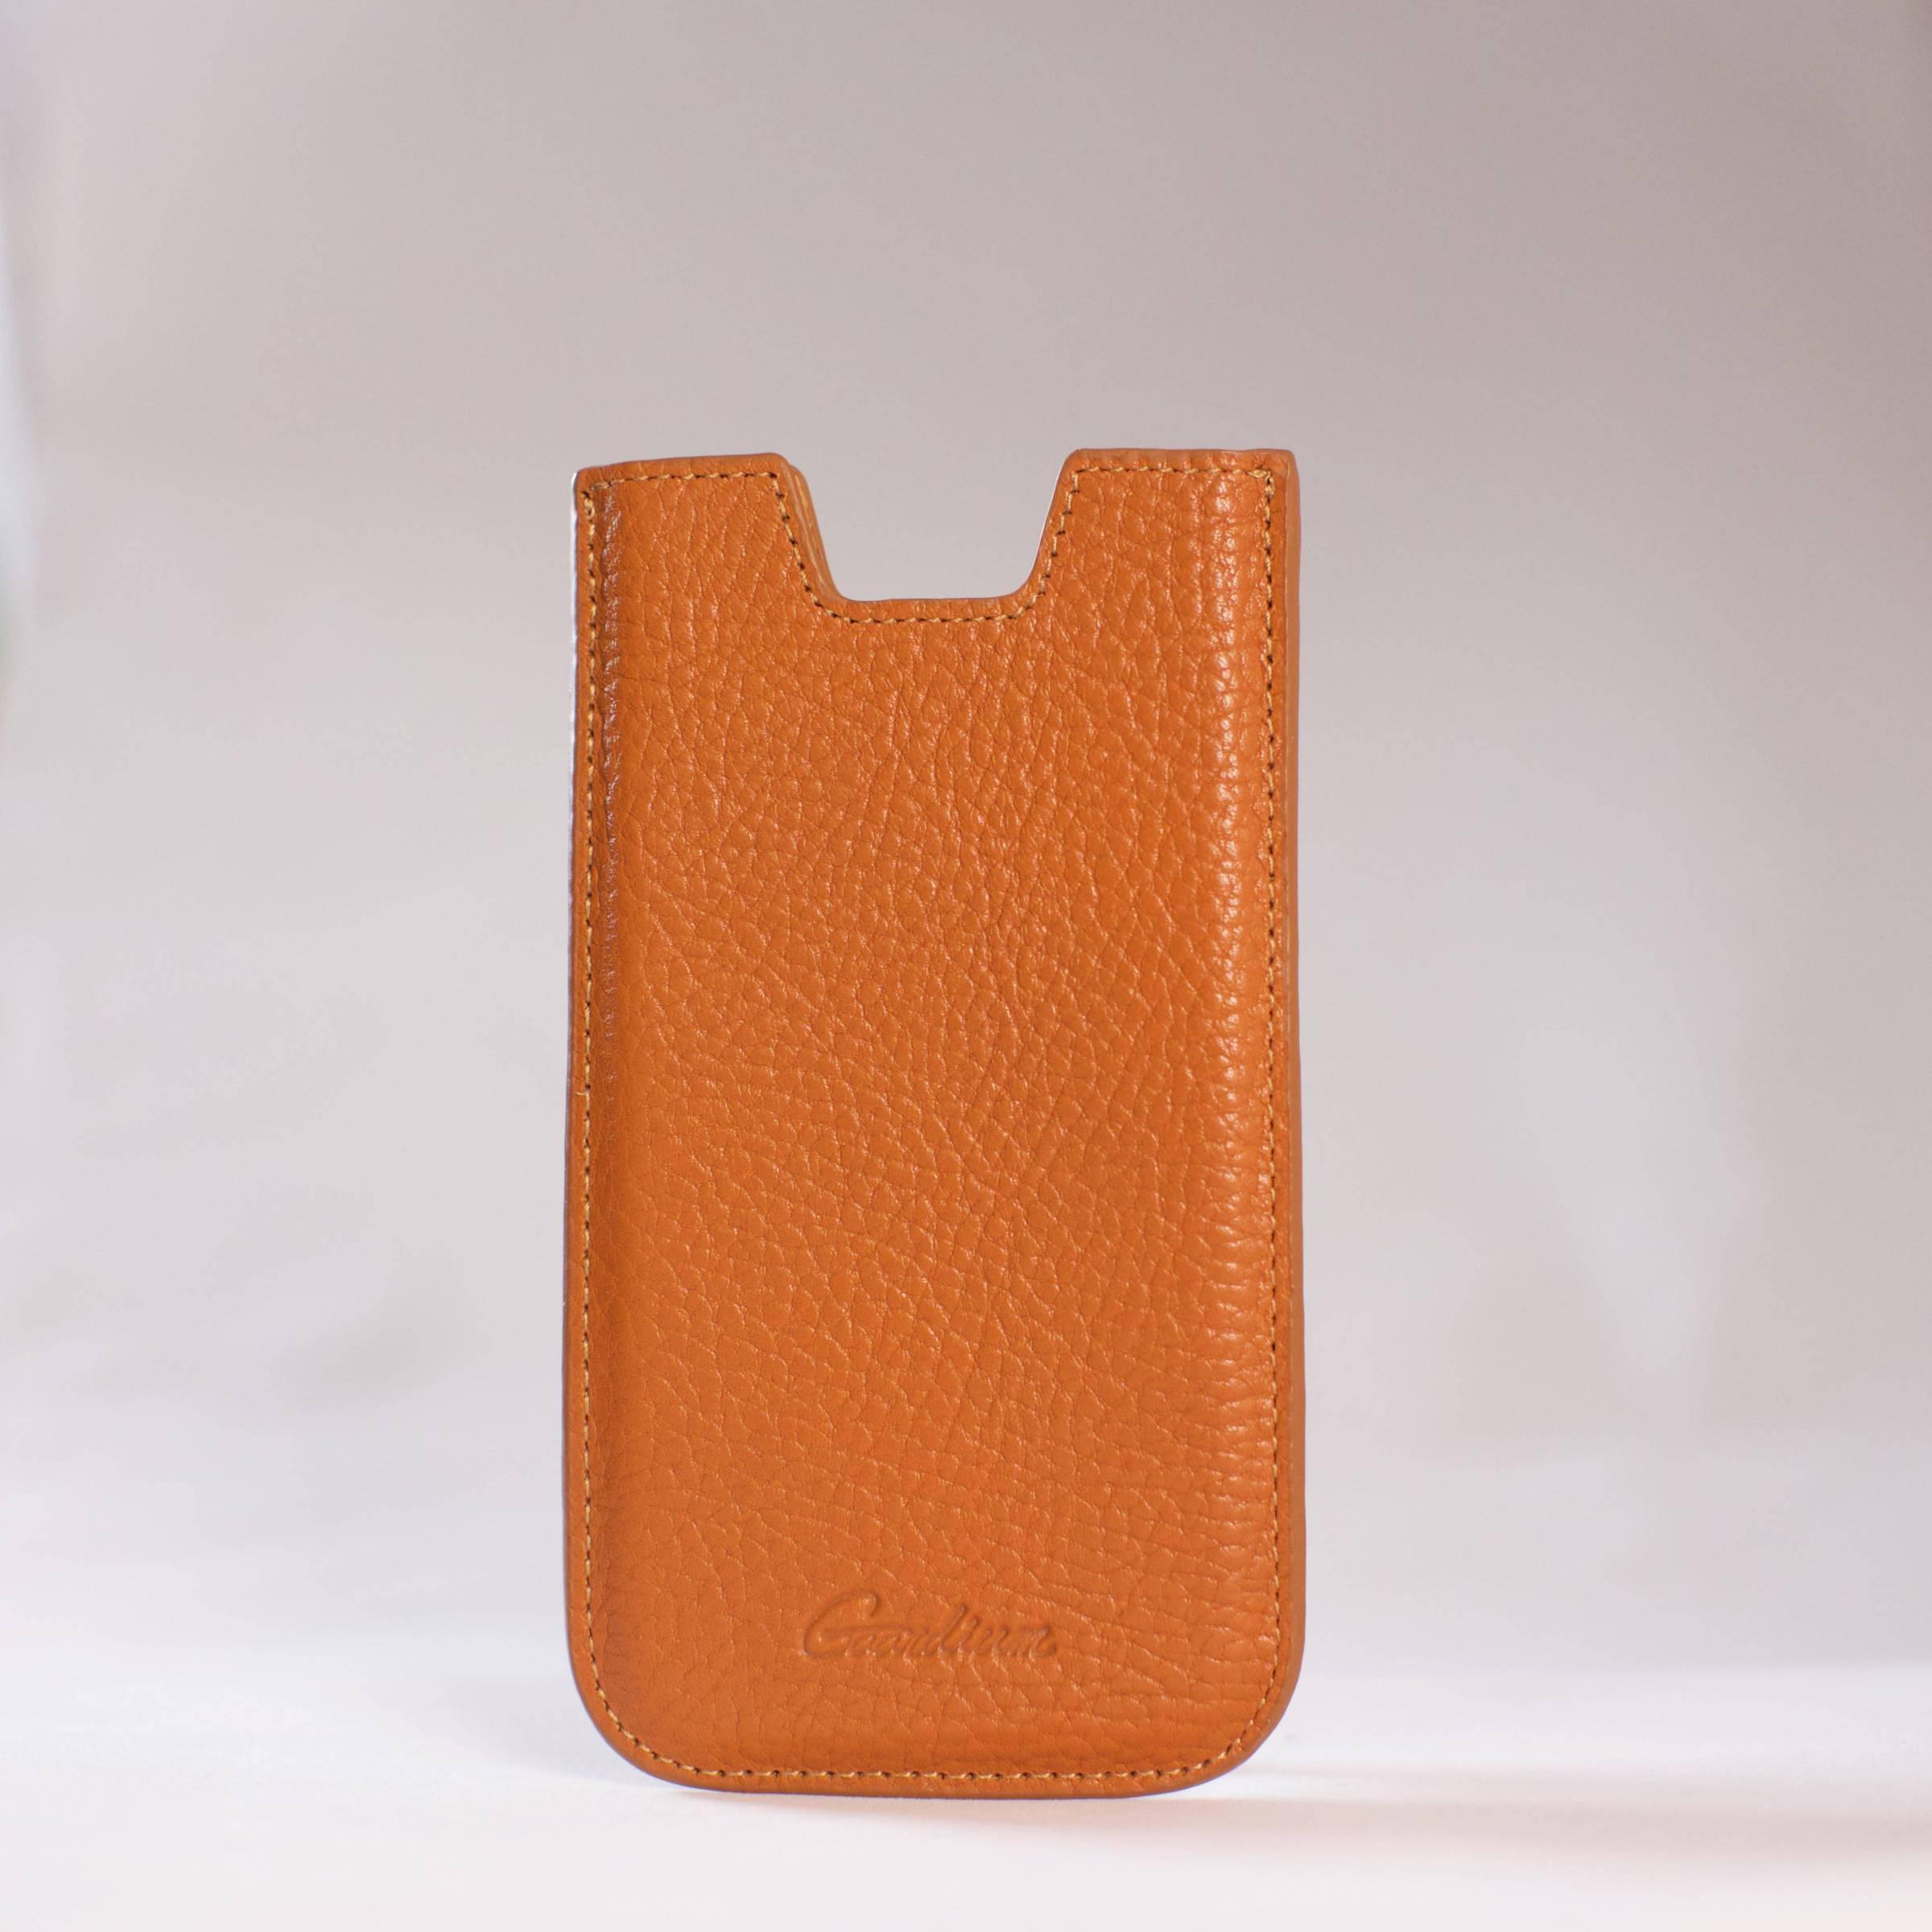 gaardium Gaardium sleeve iphone 6/6s/7/8 farve brun fra mackabler.dk